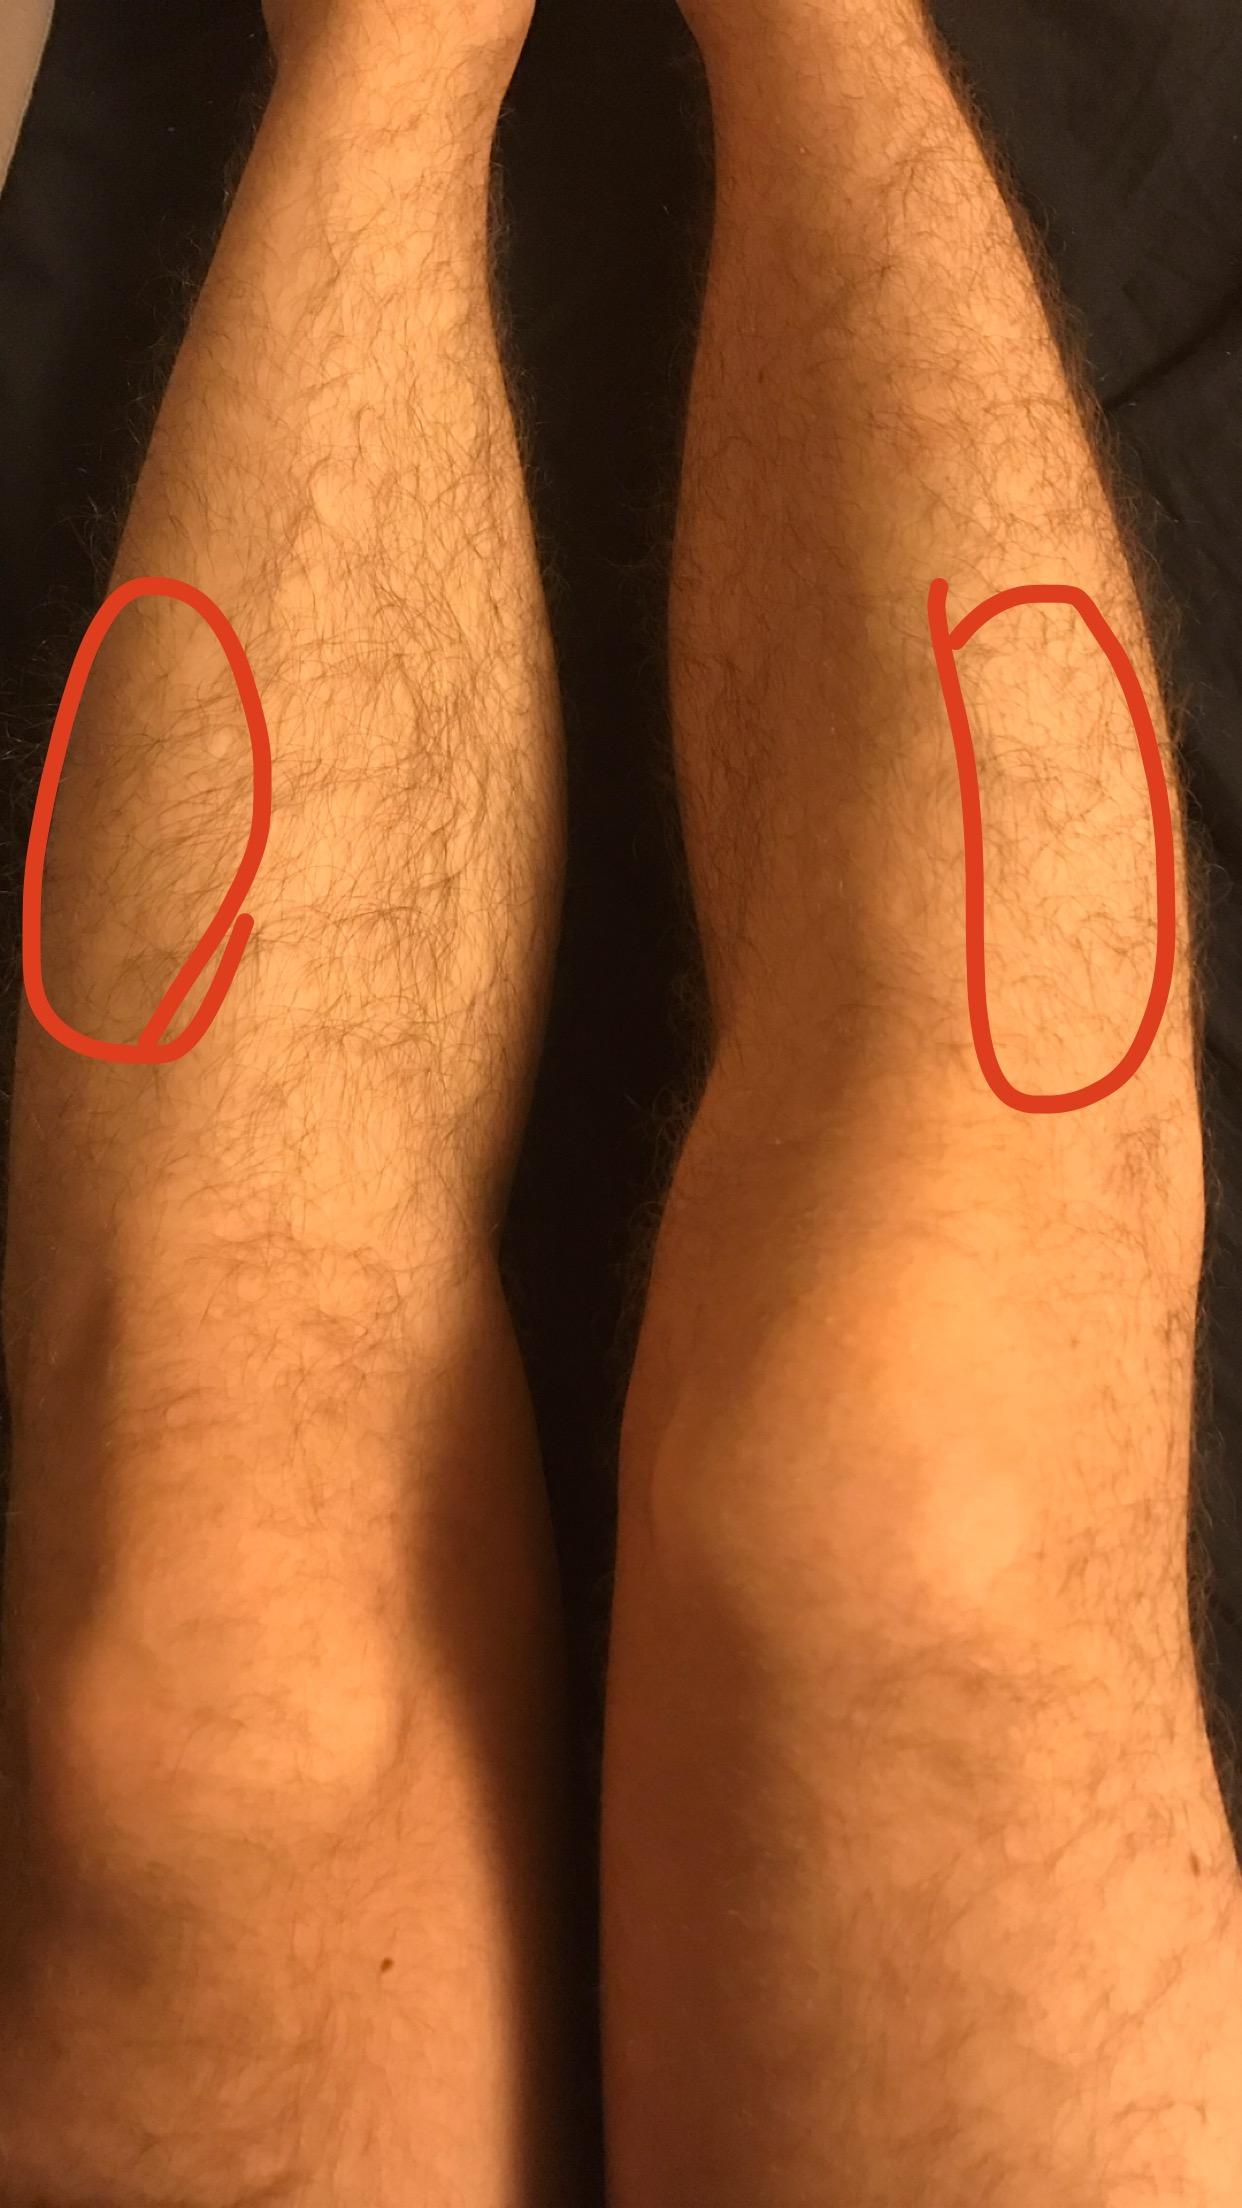 Was ist die Ursache für die Schmerzen in meinen Beinen